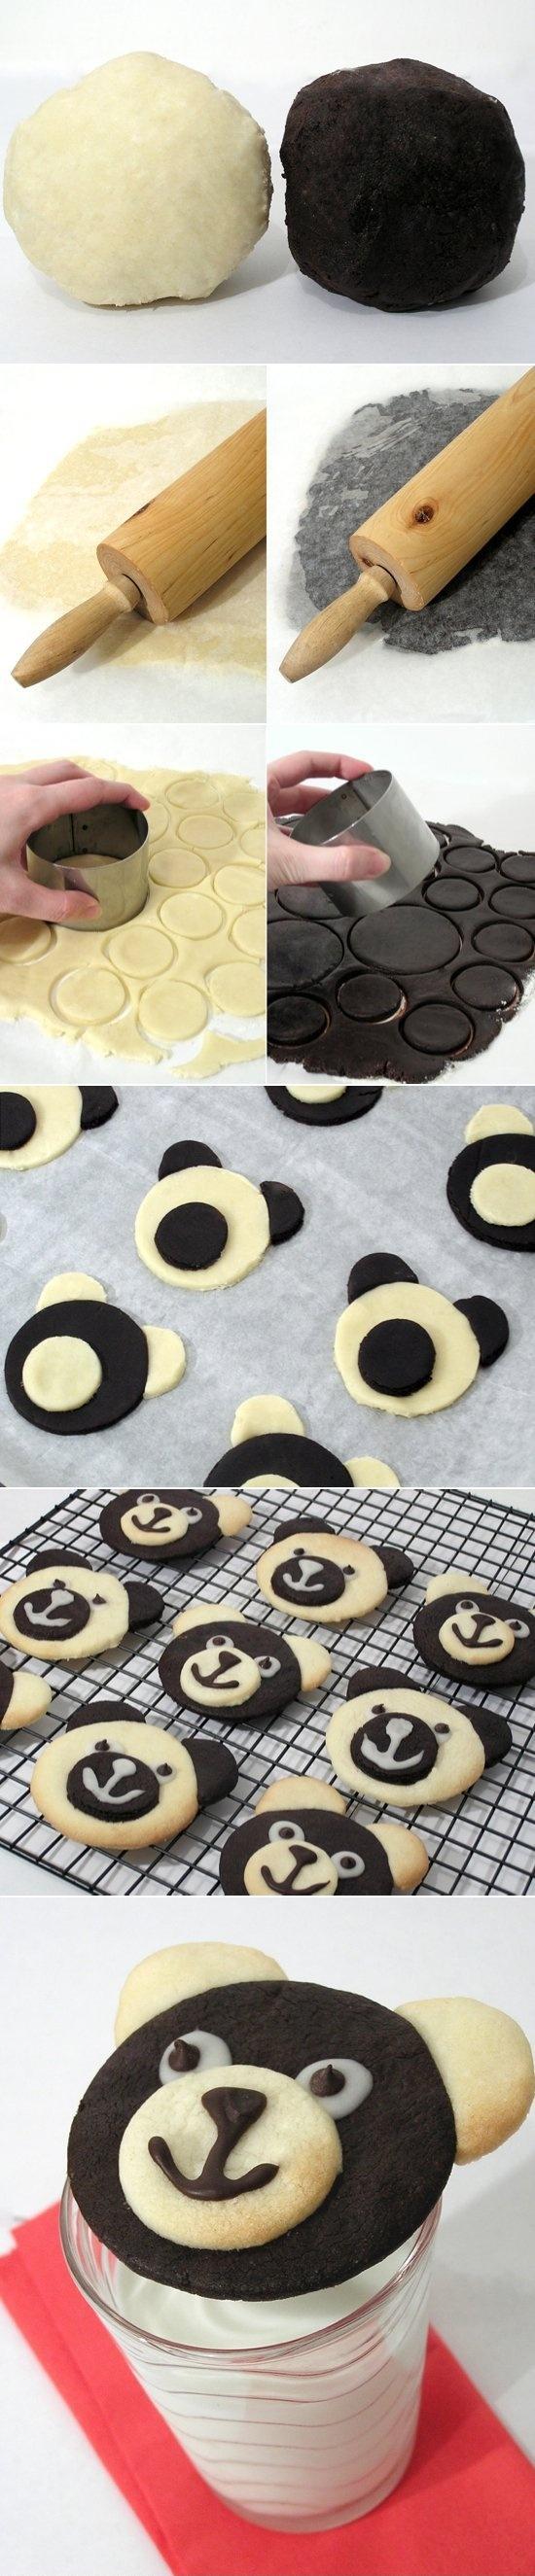 Składniki : 200g masła w temperaturze pokojowej 100g cukru pudru 1 żółtko 1/2 łyżeczki esencji waniliowej 230g mąki 30g ciemnego kakao Miękkie masło ucieramy dokładnie w misce, wsypujemy cukier puder i dalej ucieramy ok 2 minuty. Dodajemy żółtko, esencję waniliową. Na końcu dodajemy mąkę i mieszamy chwilkę mikserem, a następnie zagniatamy rękoma ciasto; jest bardzo miękkie ale takie ma być. Dzielimy na dwie części i do jednej dodajemy kakao. Zawijamy osobno w folię spożywczą i wkładamy na około godzinę do lodówki. Po tym czasie należy podsypując mąką rozwałkować na grubość ok 2-3mm. Z ciasta ciemnego wycinamy kółka szklanką a z jasnego np kieliszkiem 2/1 na jedno duże kółko dwa małe. Duże koła układamy na blaszce wyłożonej papierem do pieczenia, nakładamy jasny pyszczek, a drugi mały przekrawamy nożem i nakładamy uszy Ciasteczka pieczemy w nagrzanym piekarniku do 170st w termoobiegu około 8-10 minut. Kiedy ostygną robimy oczy z lukru i buźkę z czekolady roztopionej w kąpieli wodnej. Oczy też można zrobić z białej czekolady. lukier: 4 łyżeczki cukru pudru utrzeć z odrobiną śmietany dosłownie na czubku łyżeczki; lukier musi być gęsty żeby się nie rozpłynął.